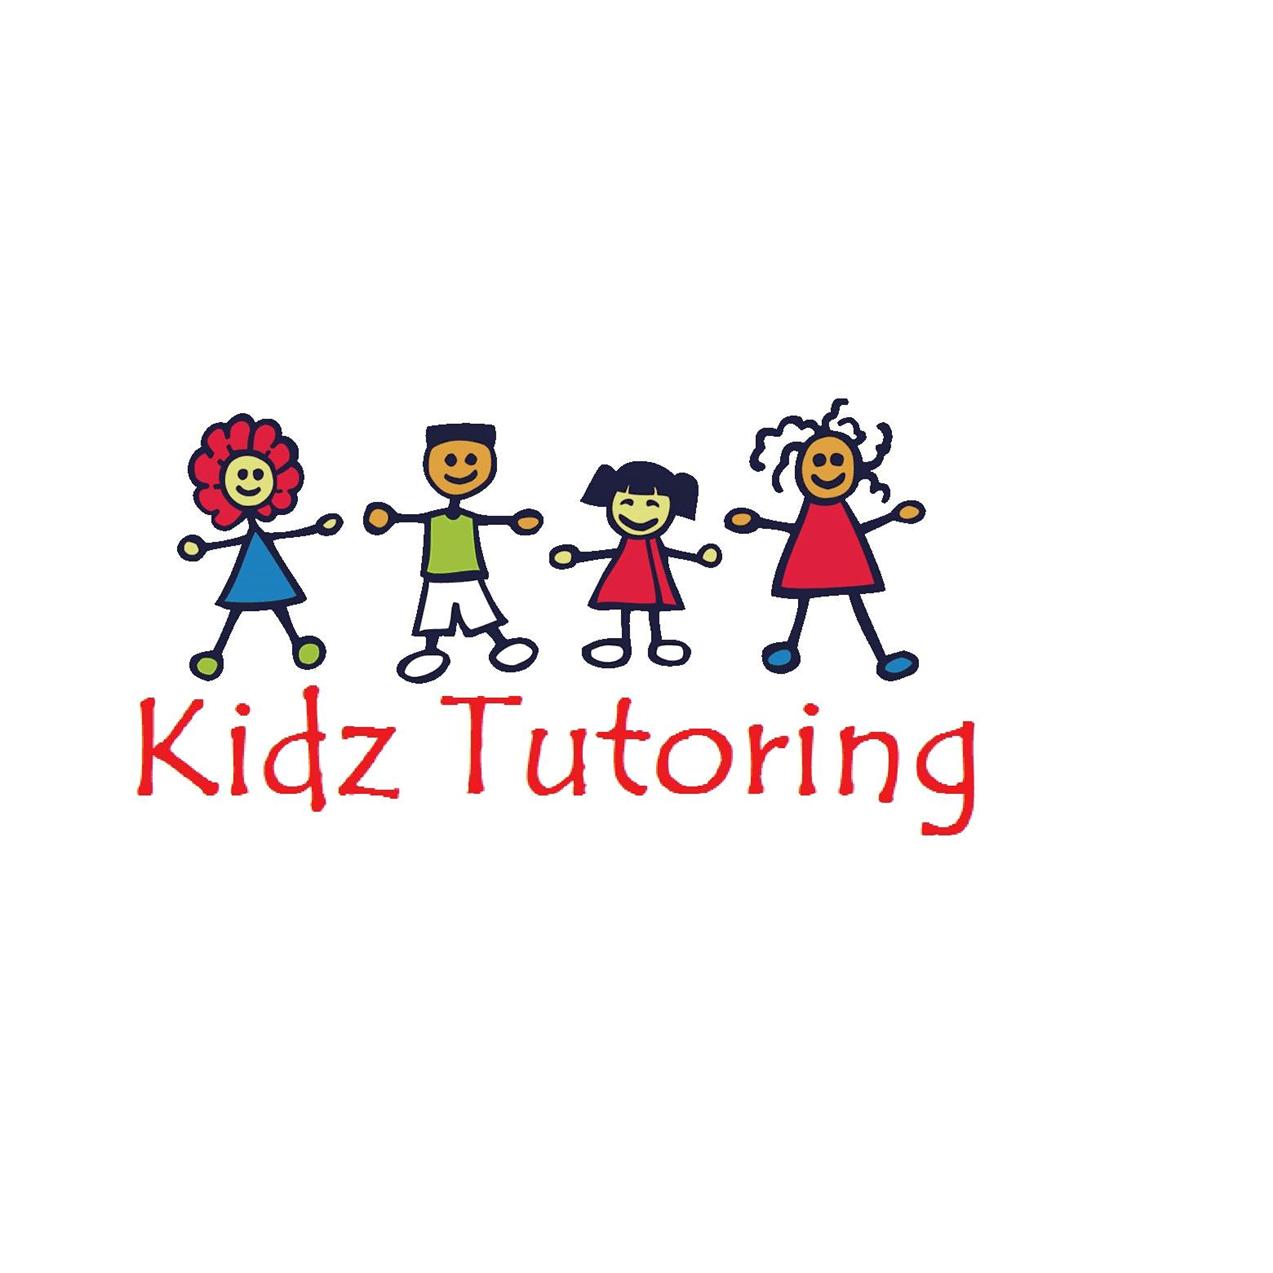 Kidz Tutoring